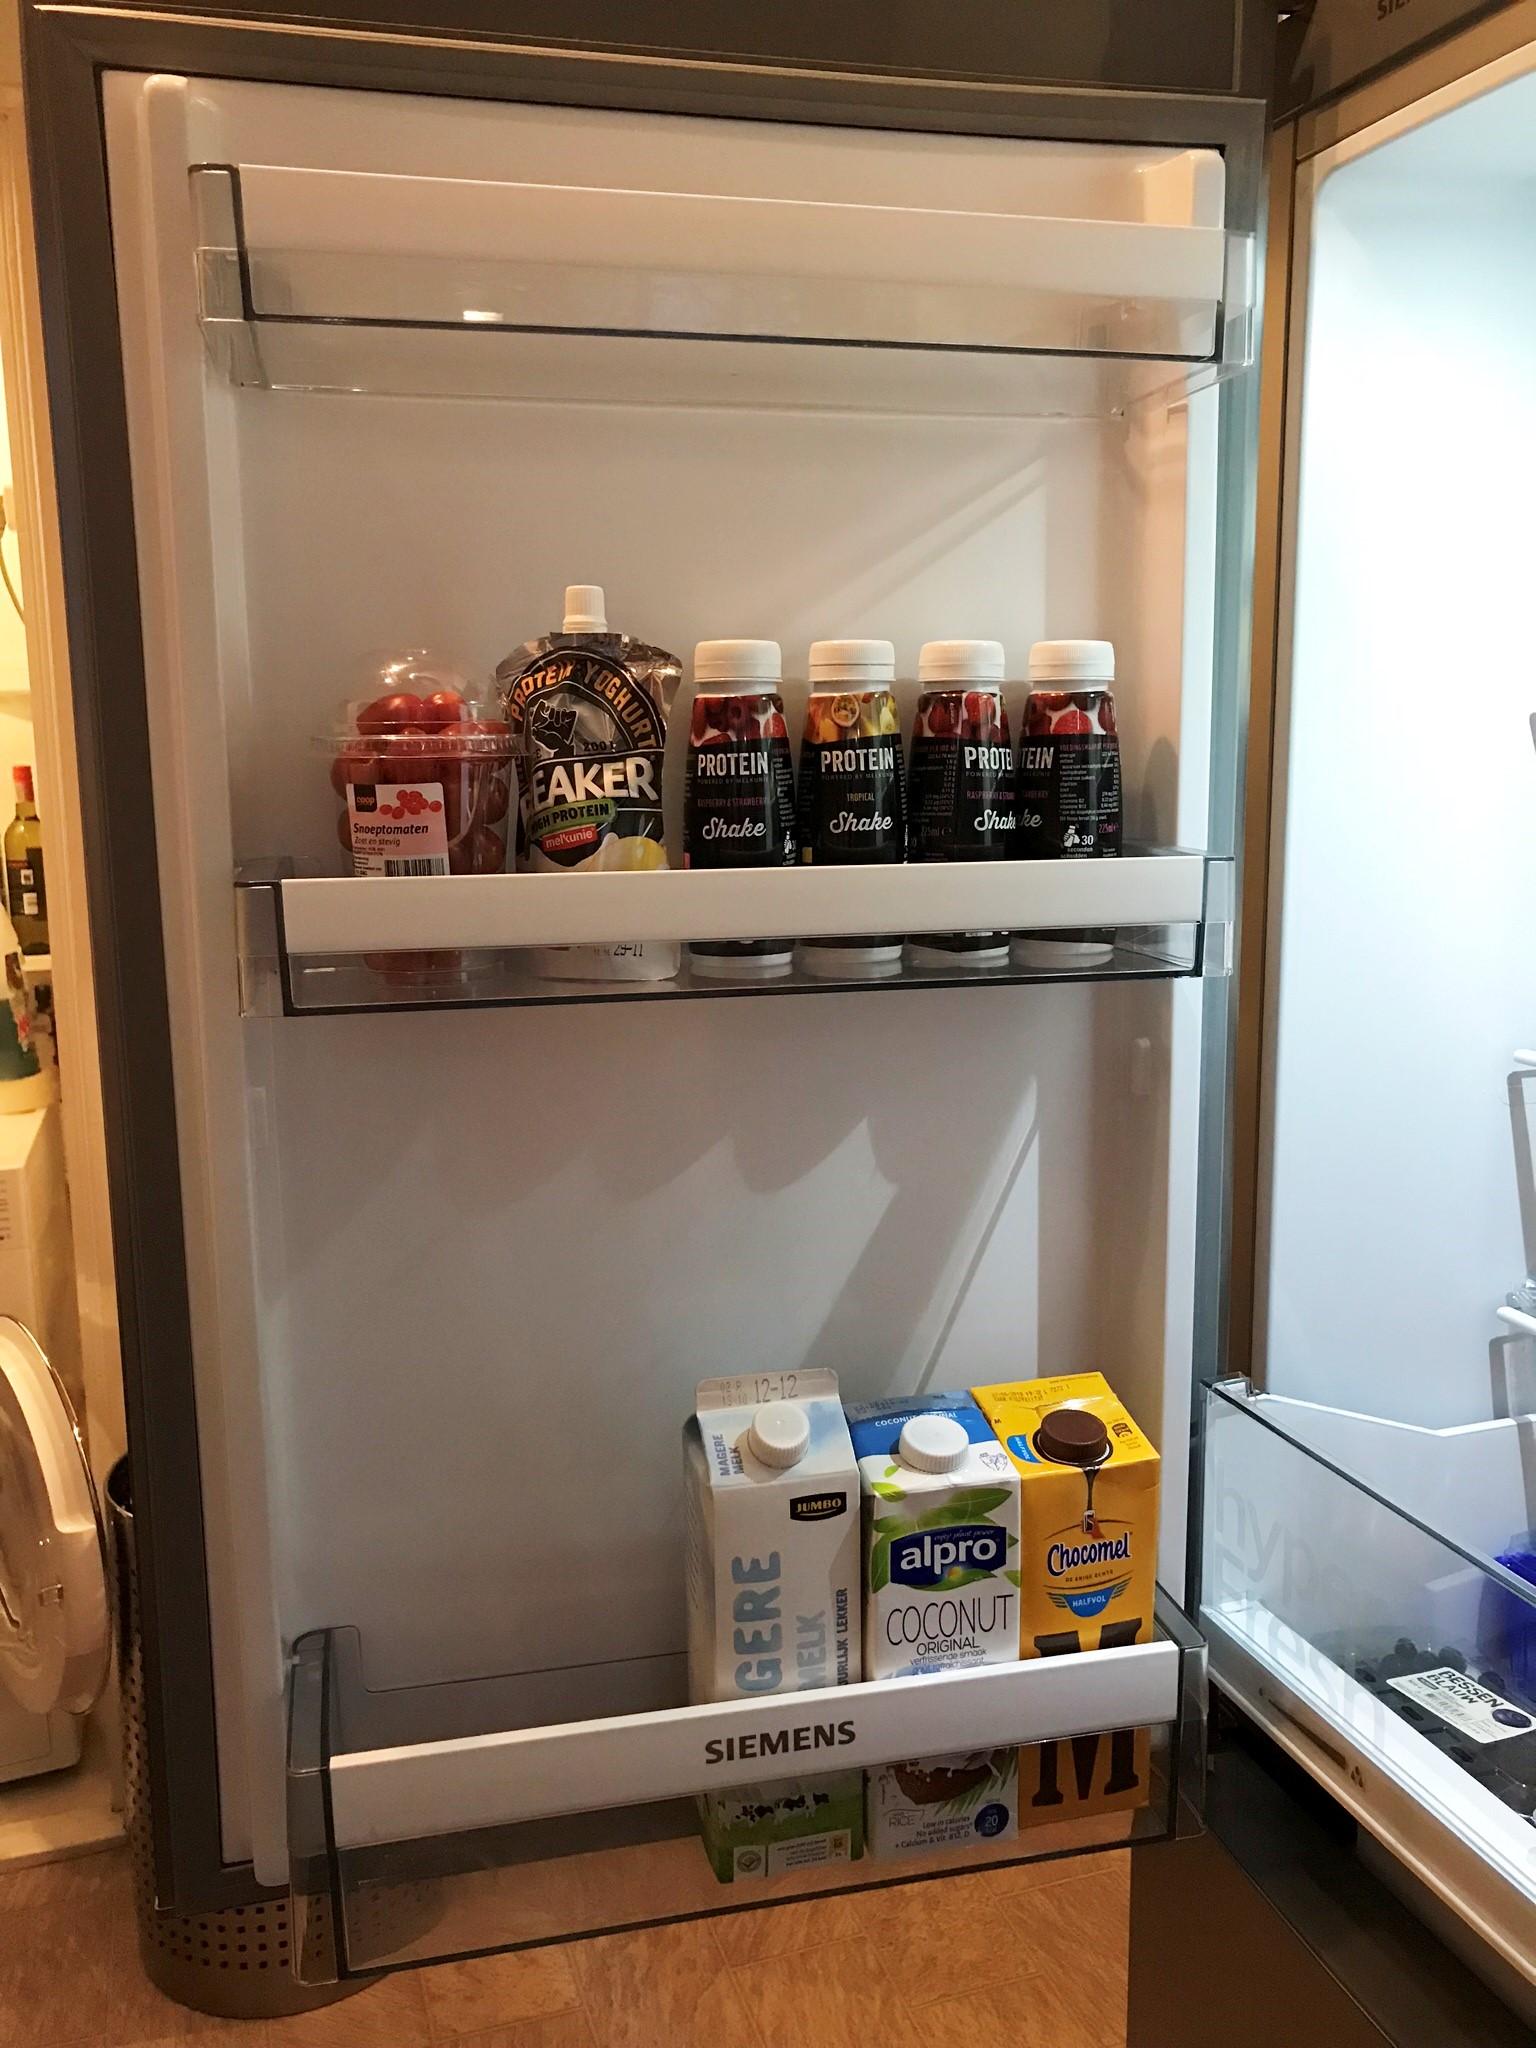 kijkje in de koelkast